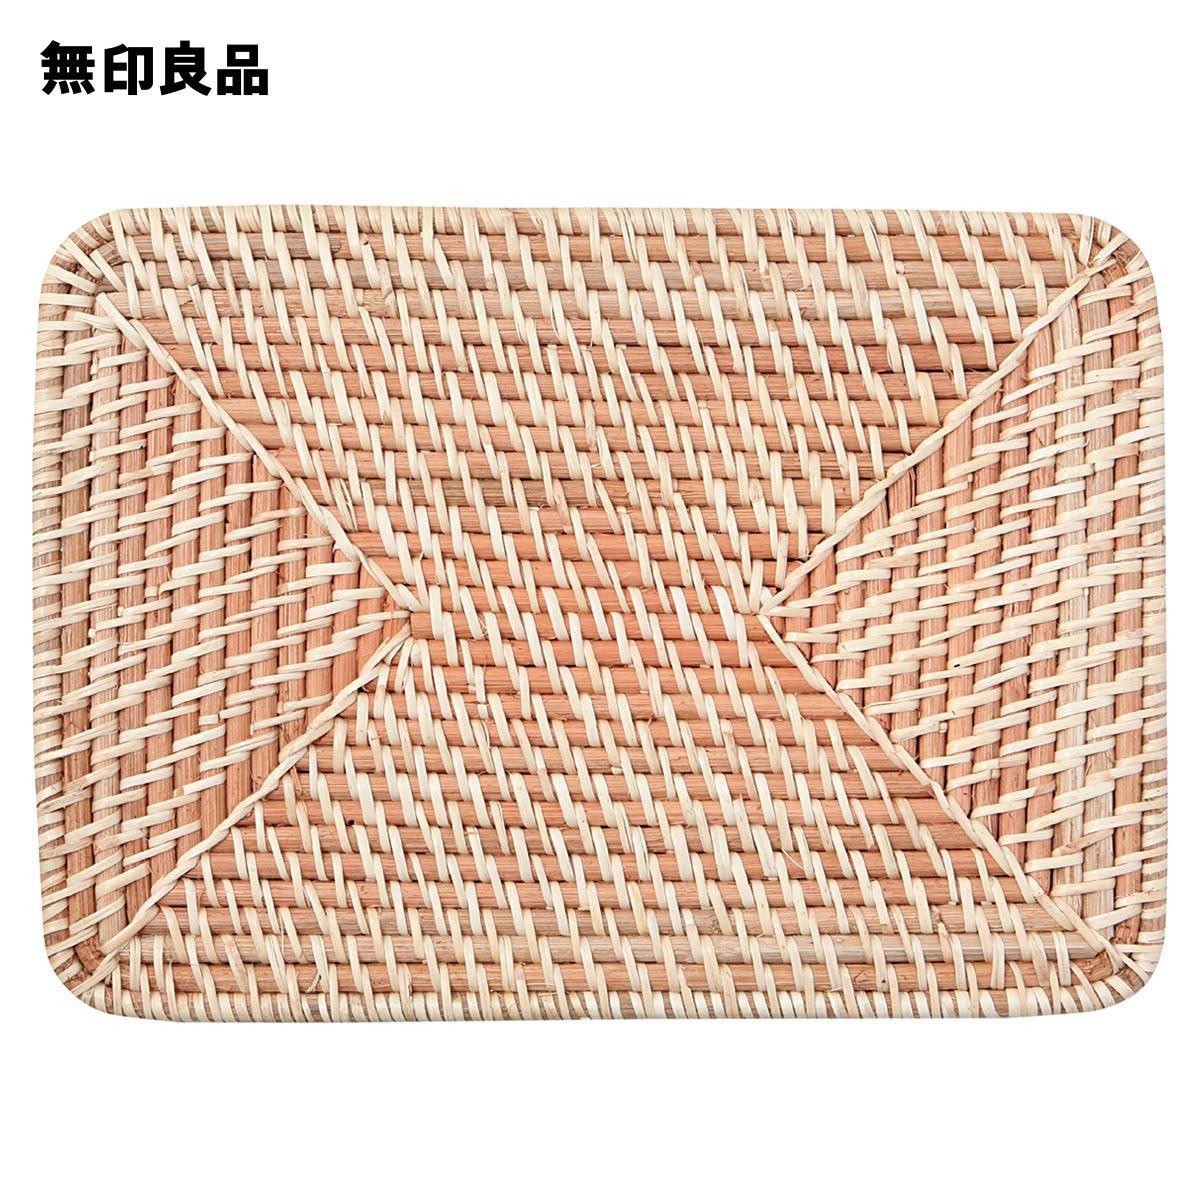 【無印良品 公式】重なるラタン長方形バスケット用フタ (V)約幅36×奥行26×高さ3cm